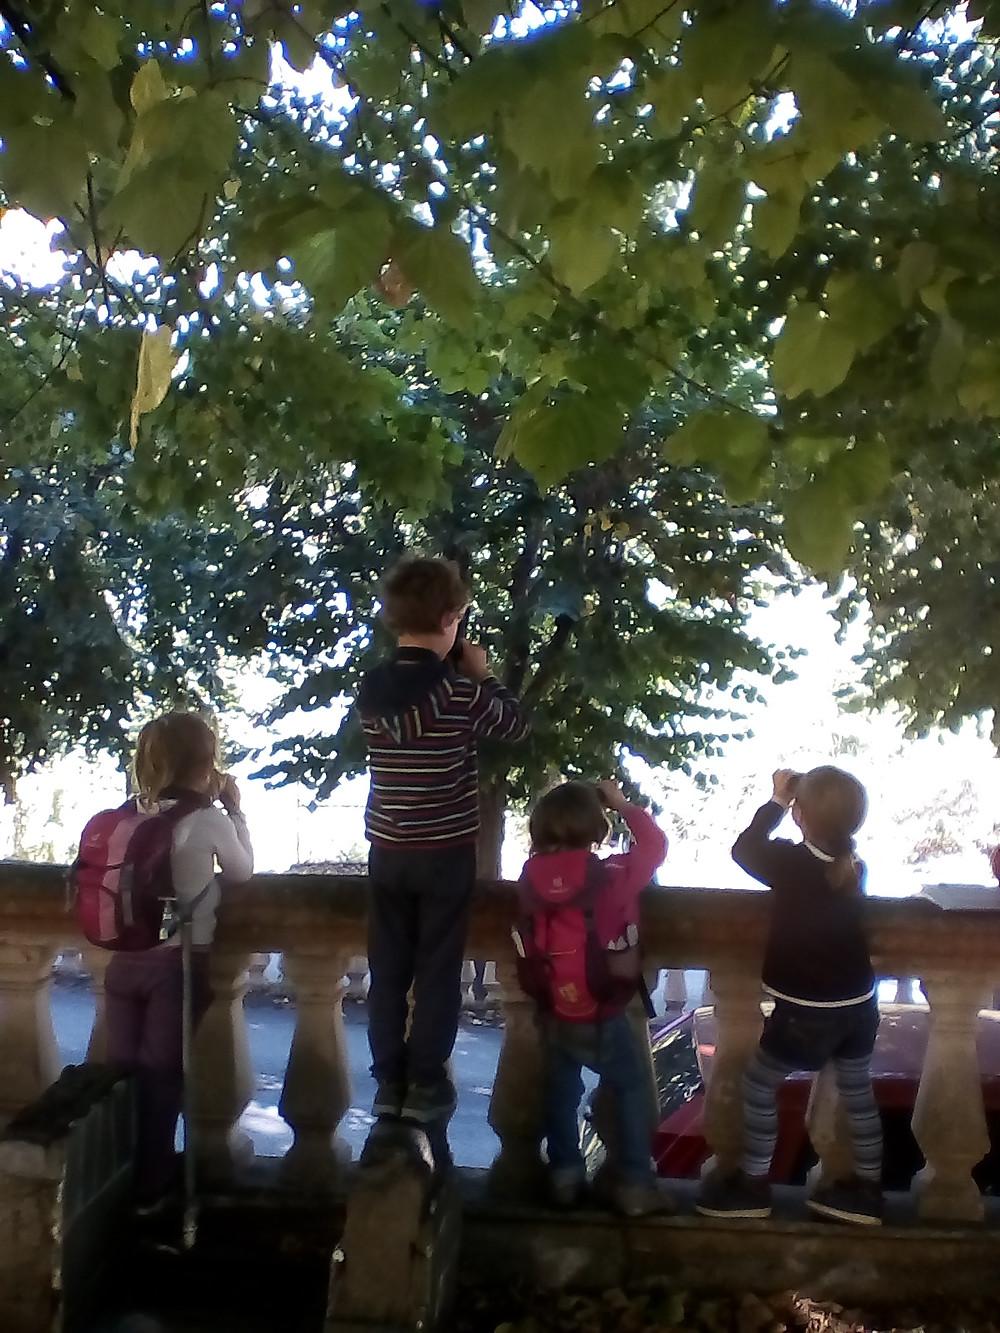 le premier mercredi des p'tits curieux de nature! Nous avons observé les oiseaux de Tende et avons répertorié les hirondelles qui nichent dans le village et ses alentours. Nous partagerons ces informations avec les gardes moniteurs du parc national du Mercantour. Début d'un partenariat pour protéger nos amies les hirondelles?§